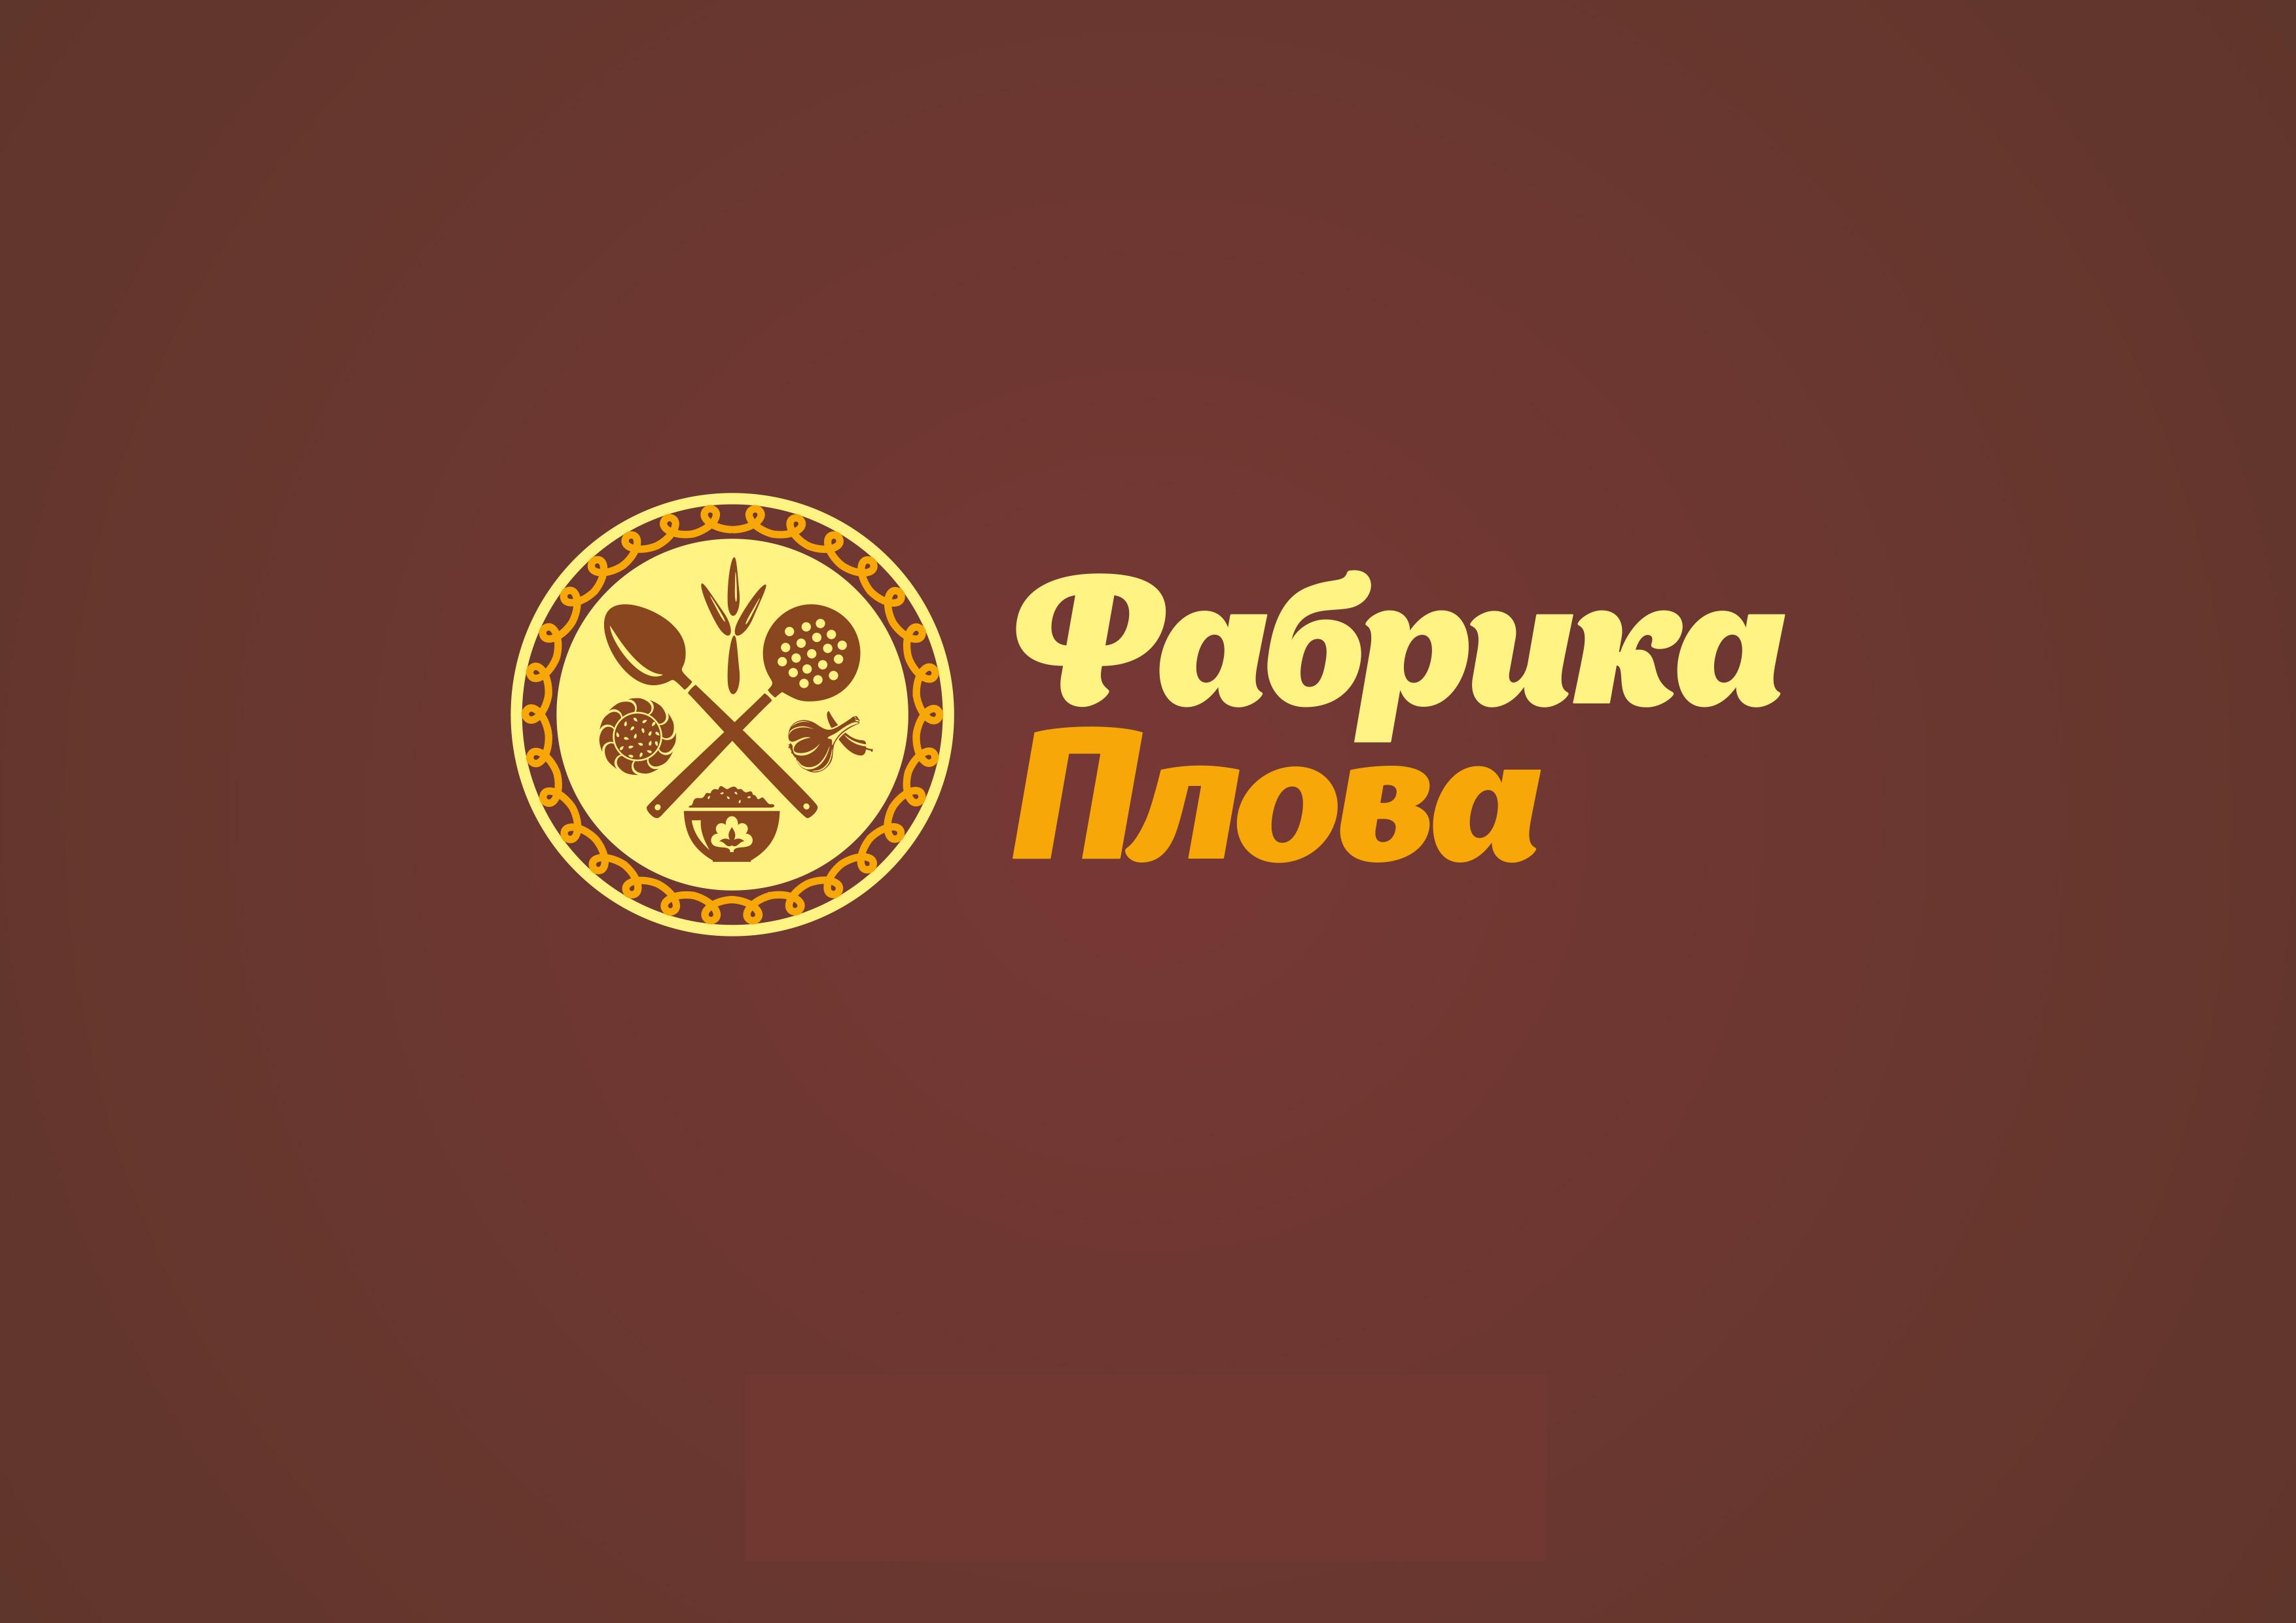 Логотип и фирменный стиль для ресторана «Фабрика Плова»